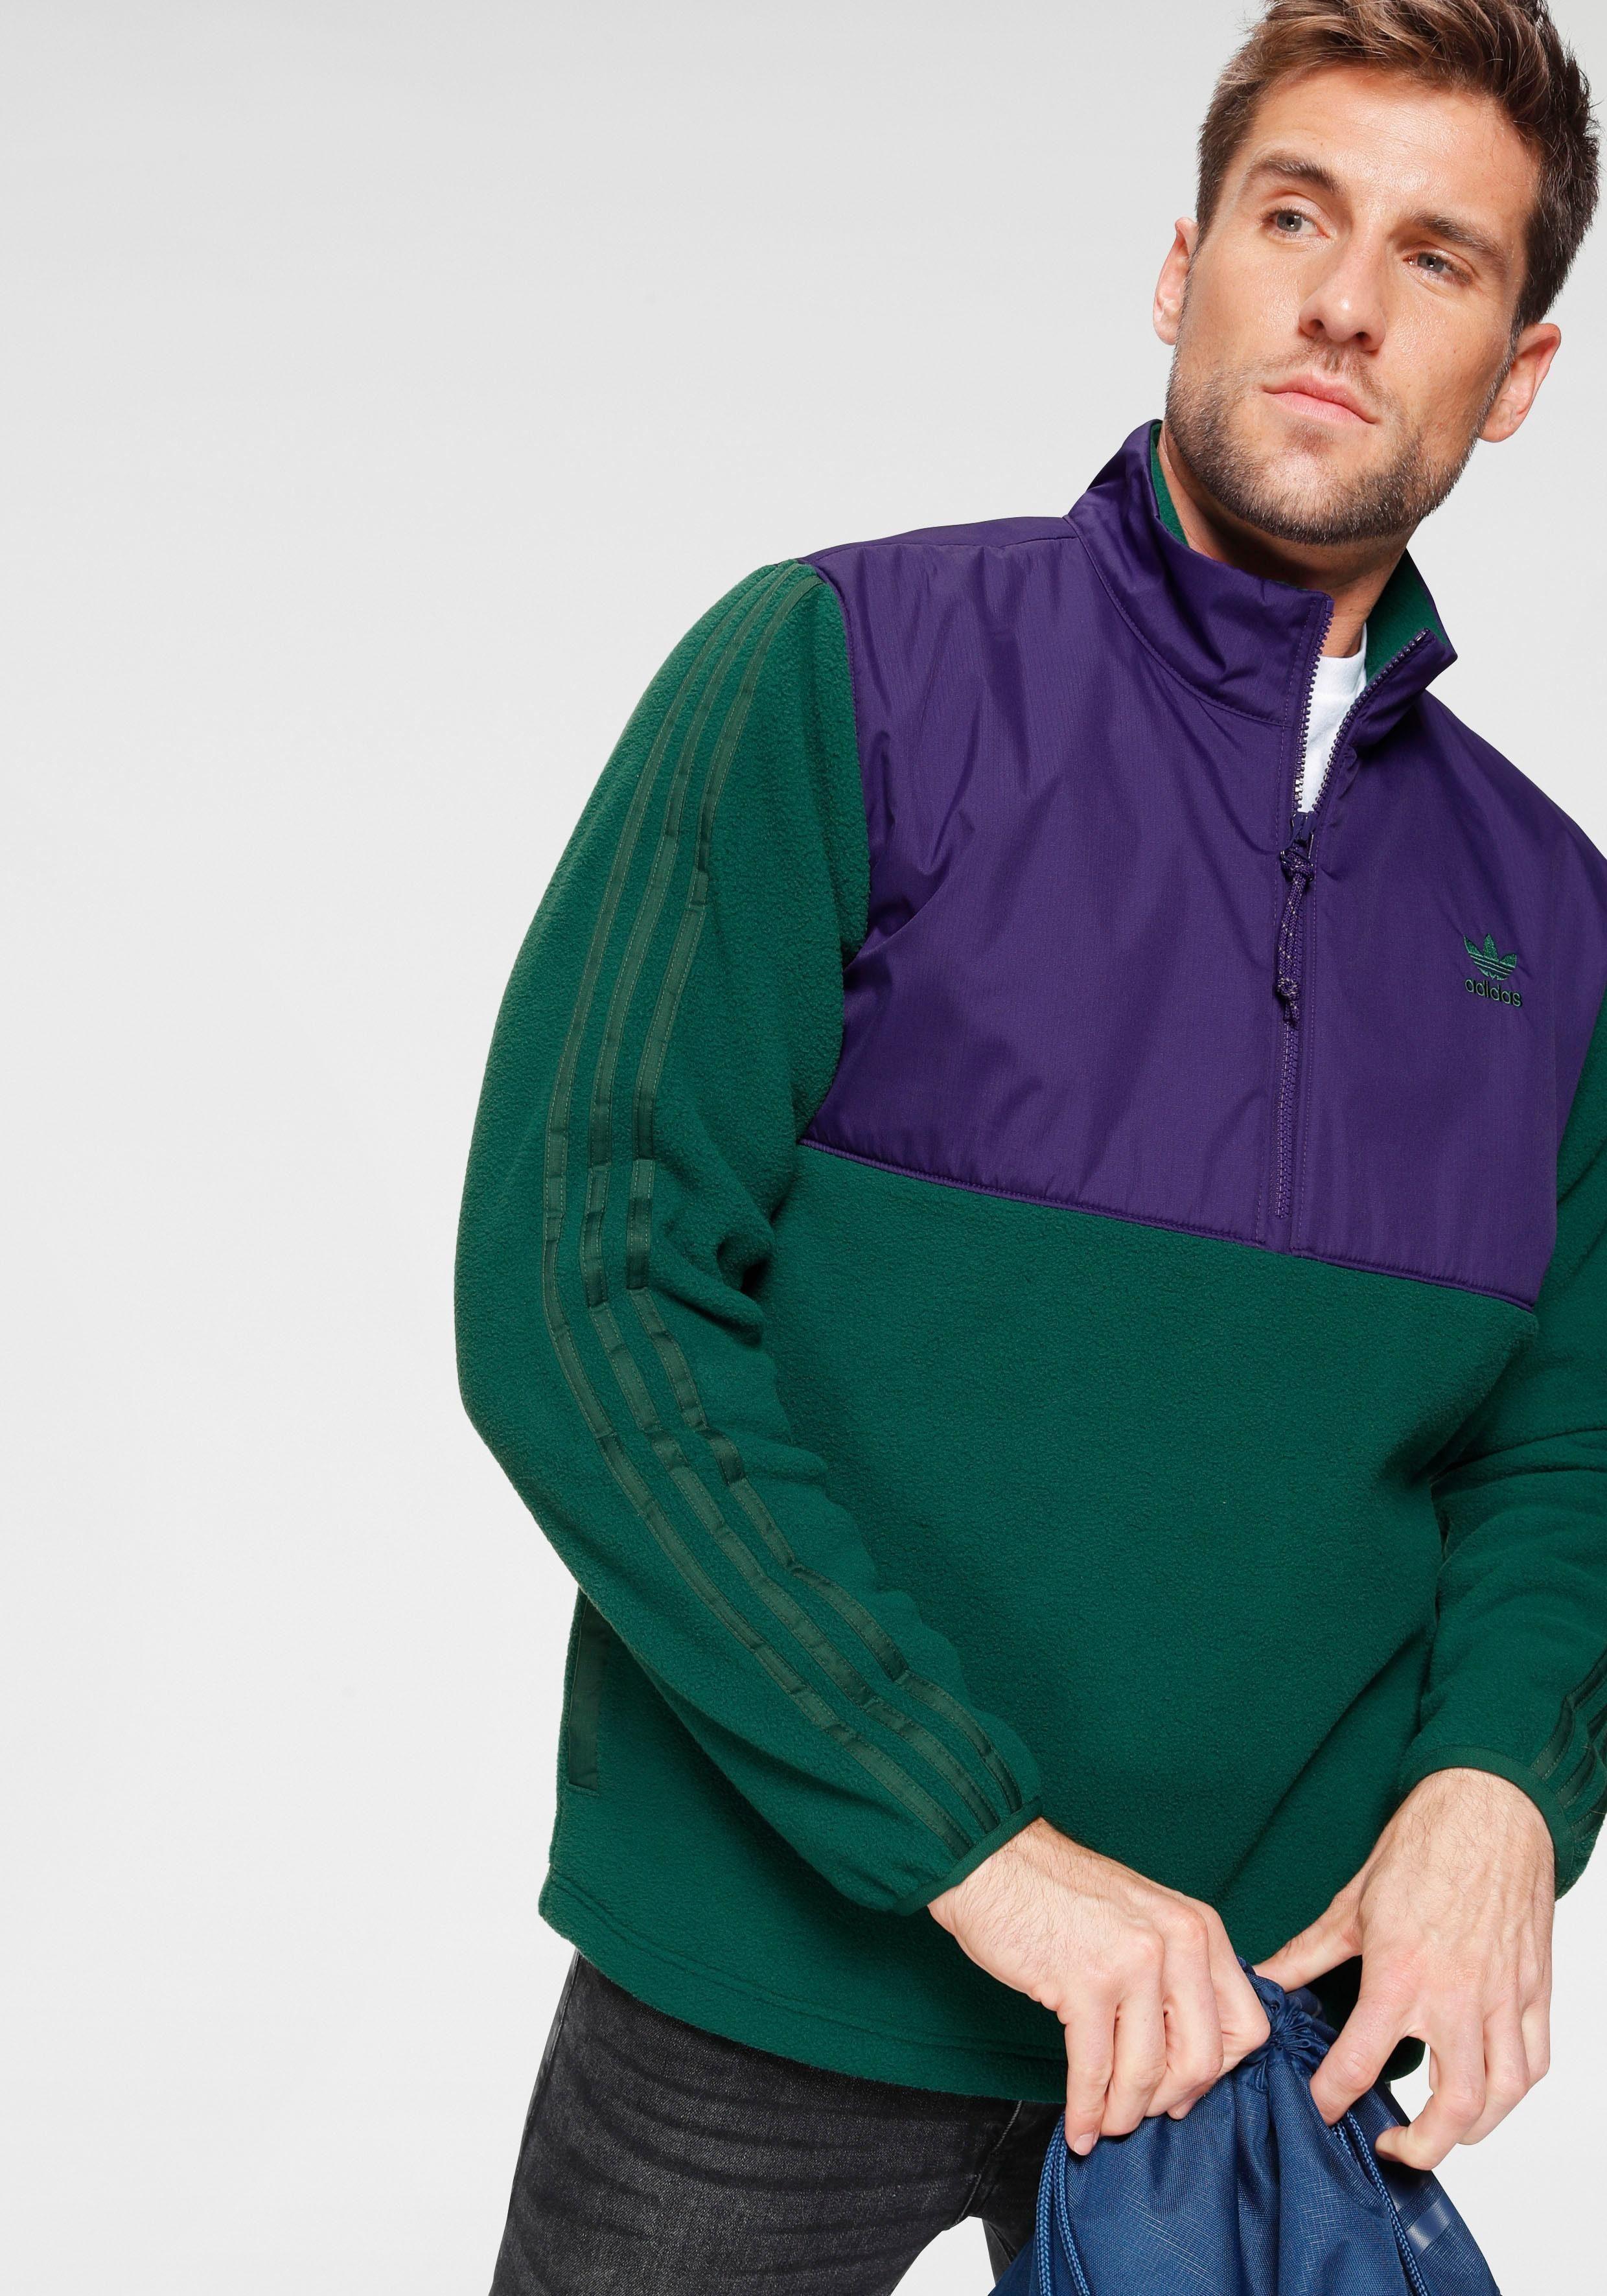 Adidas Half Zip Sweatshirt ab 25,16 € | Preisvergleich bei